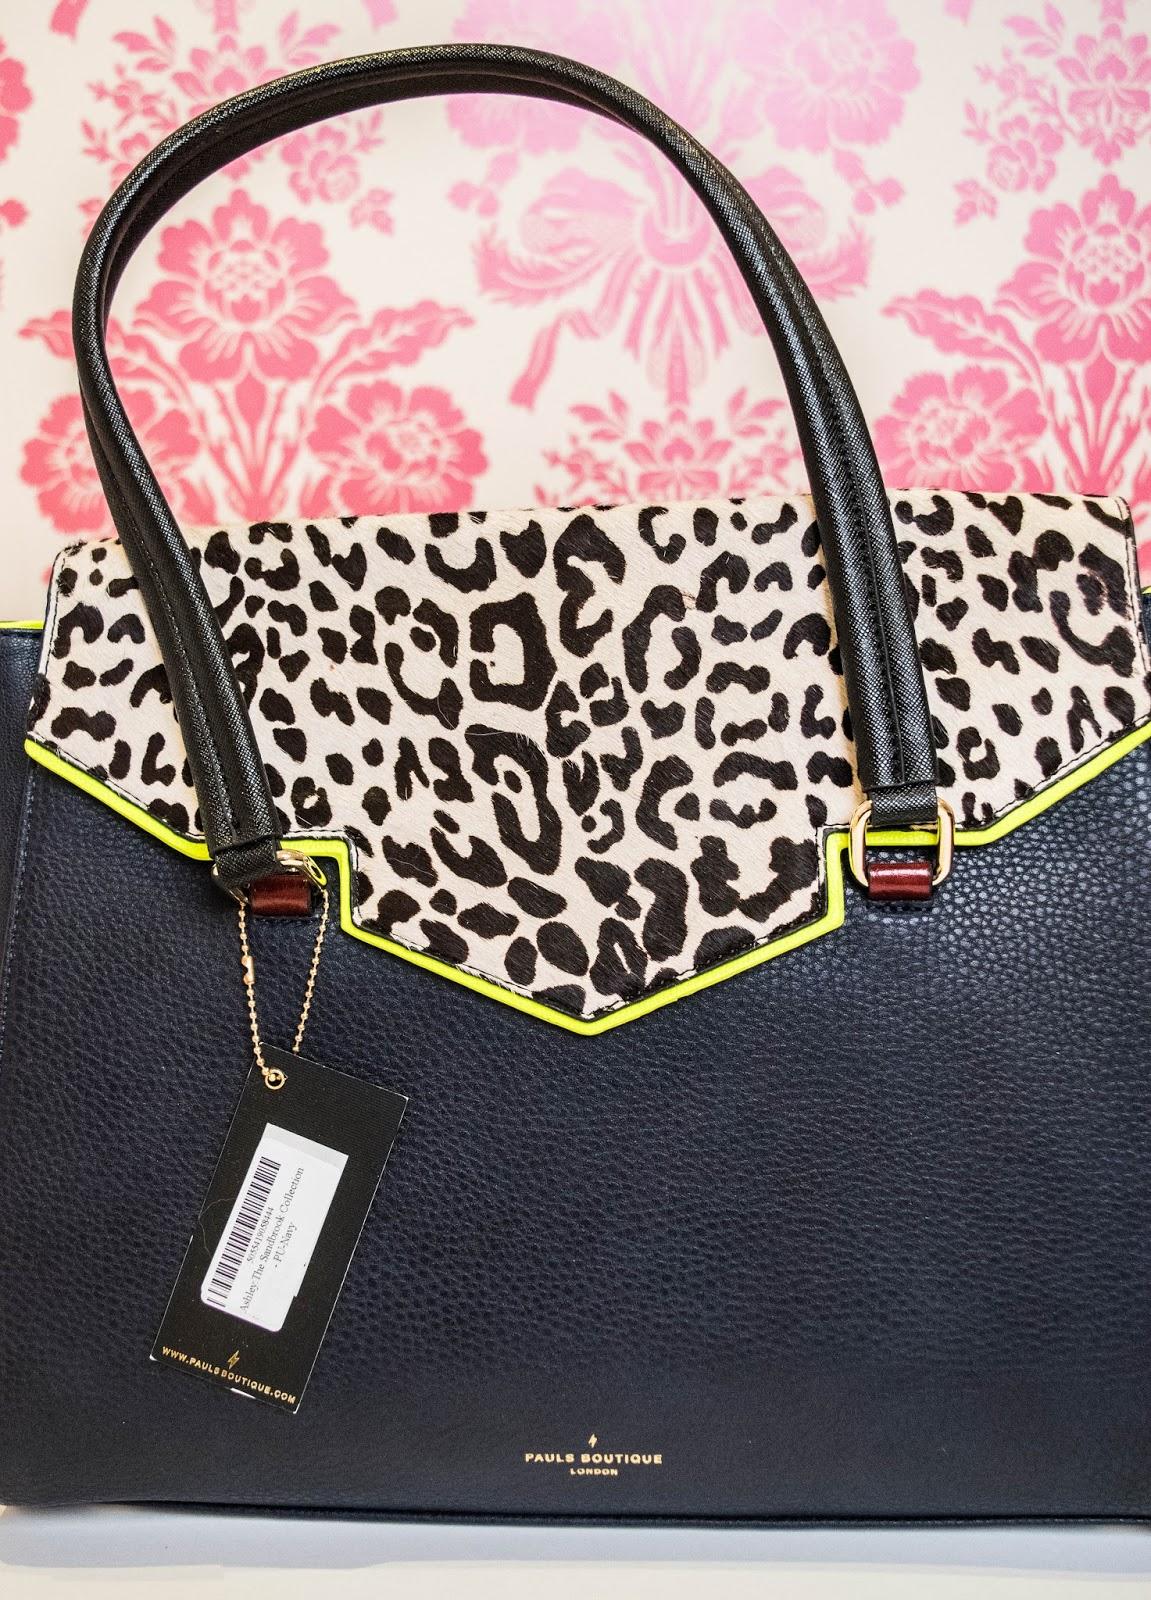 b2edee1515 Ramblings of a Jaffa Cat  Paul s Boutique Handbag